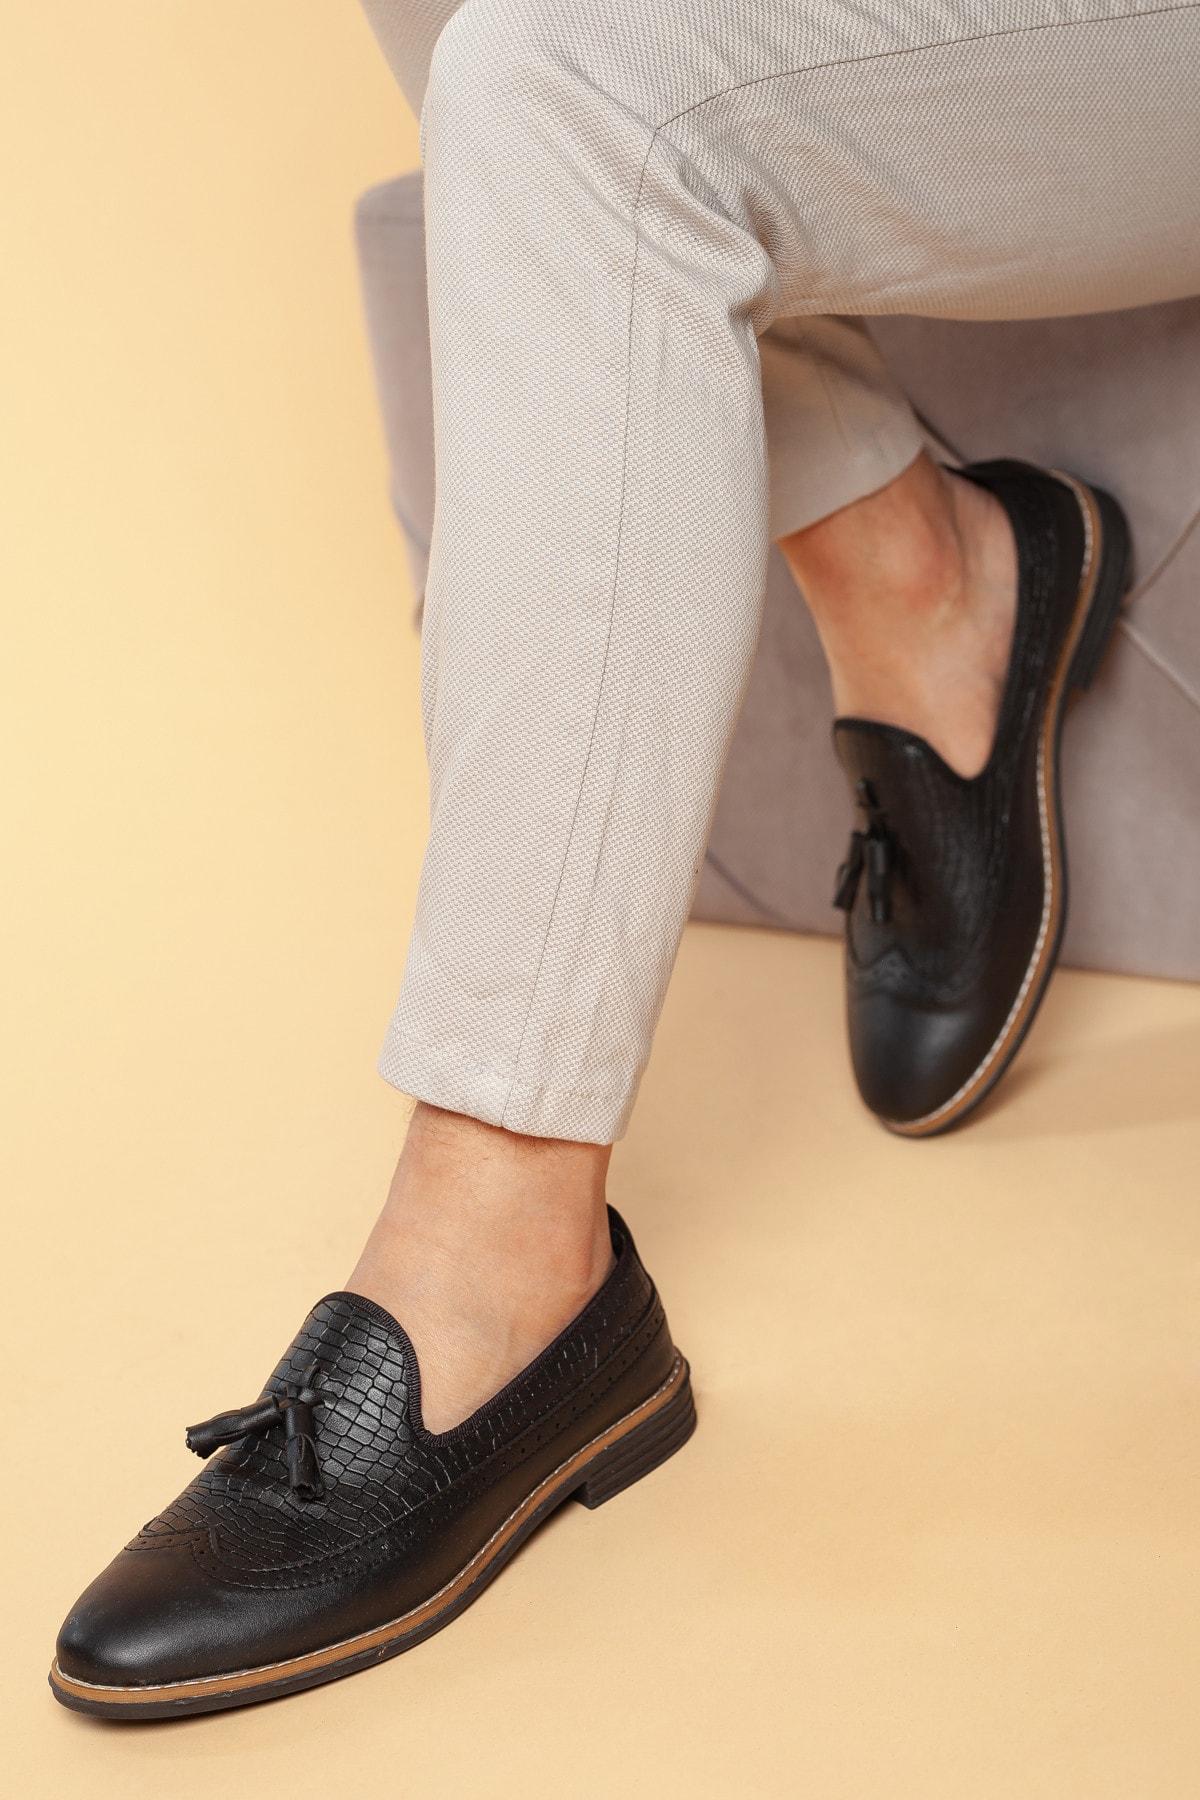 D020 Günlük Ortopedik Baba Ayakkabısı